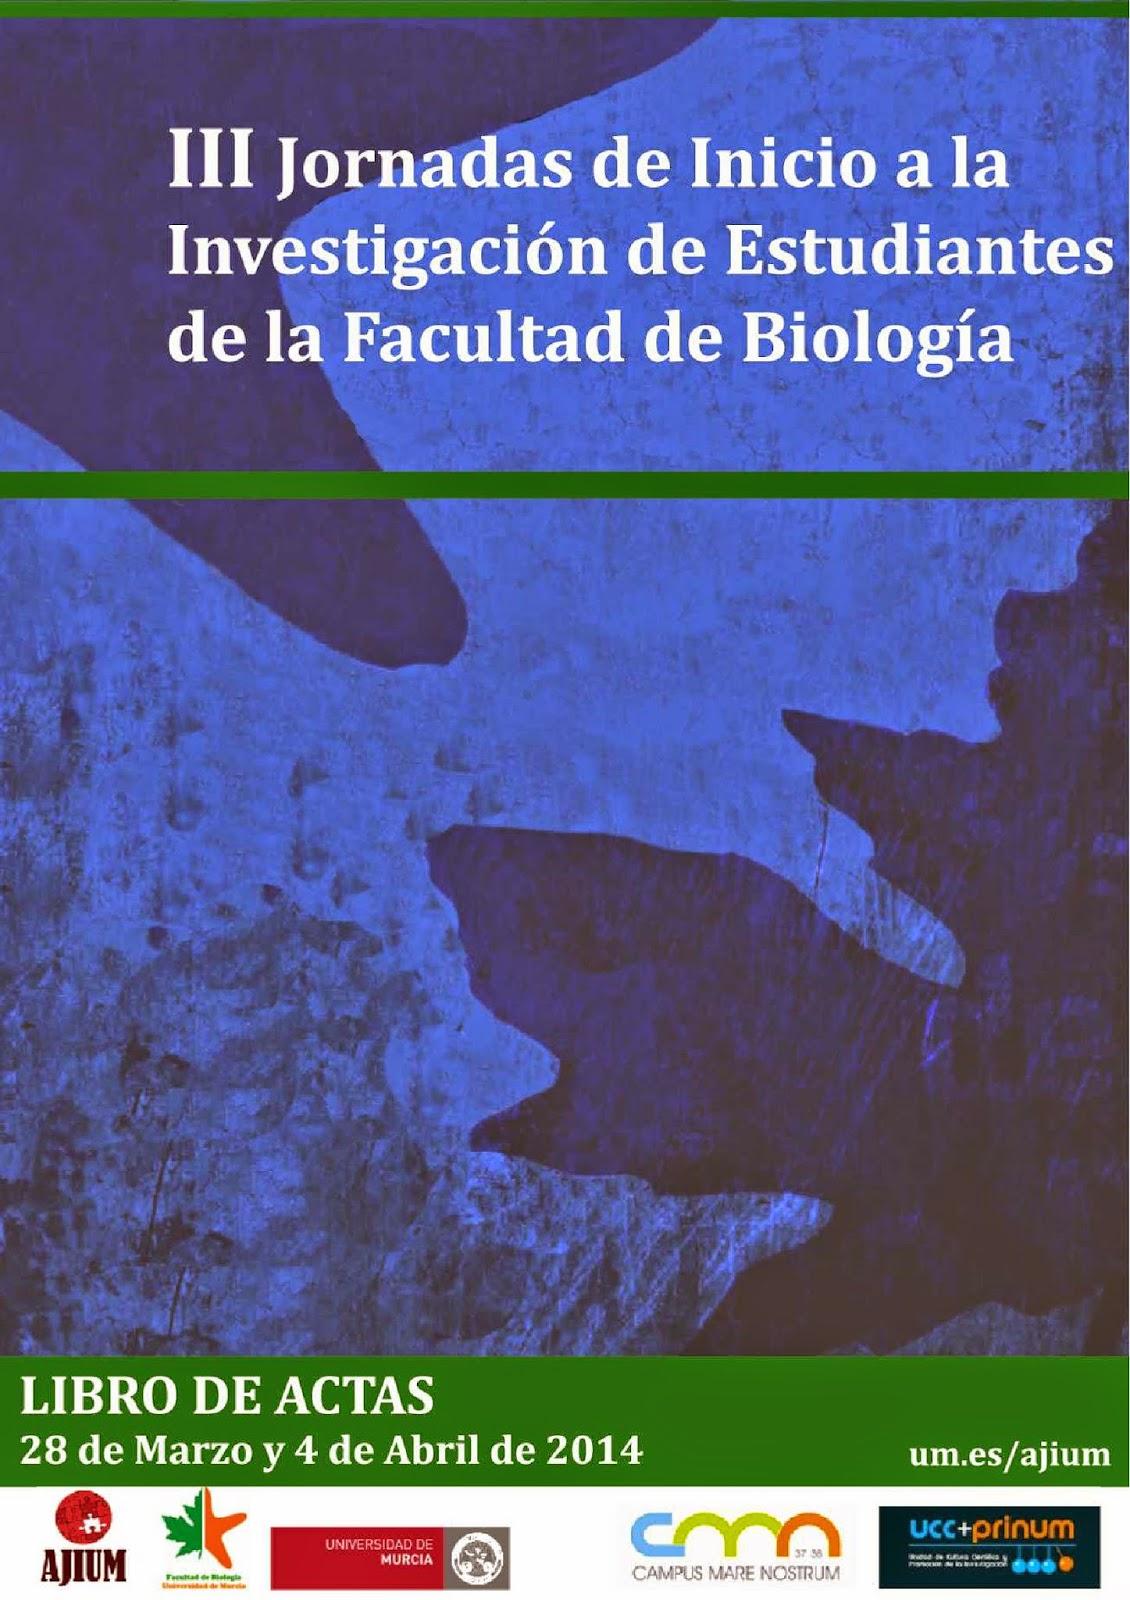 Libro de Actas de las III Jornadas de Inicio a la Investigación en Biología.